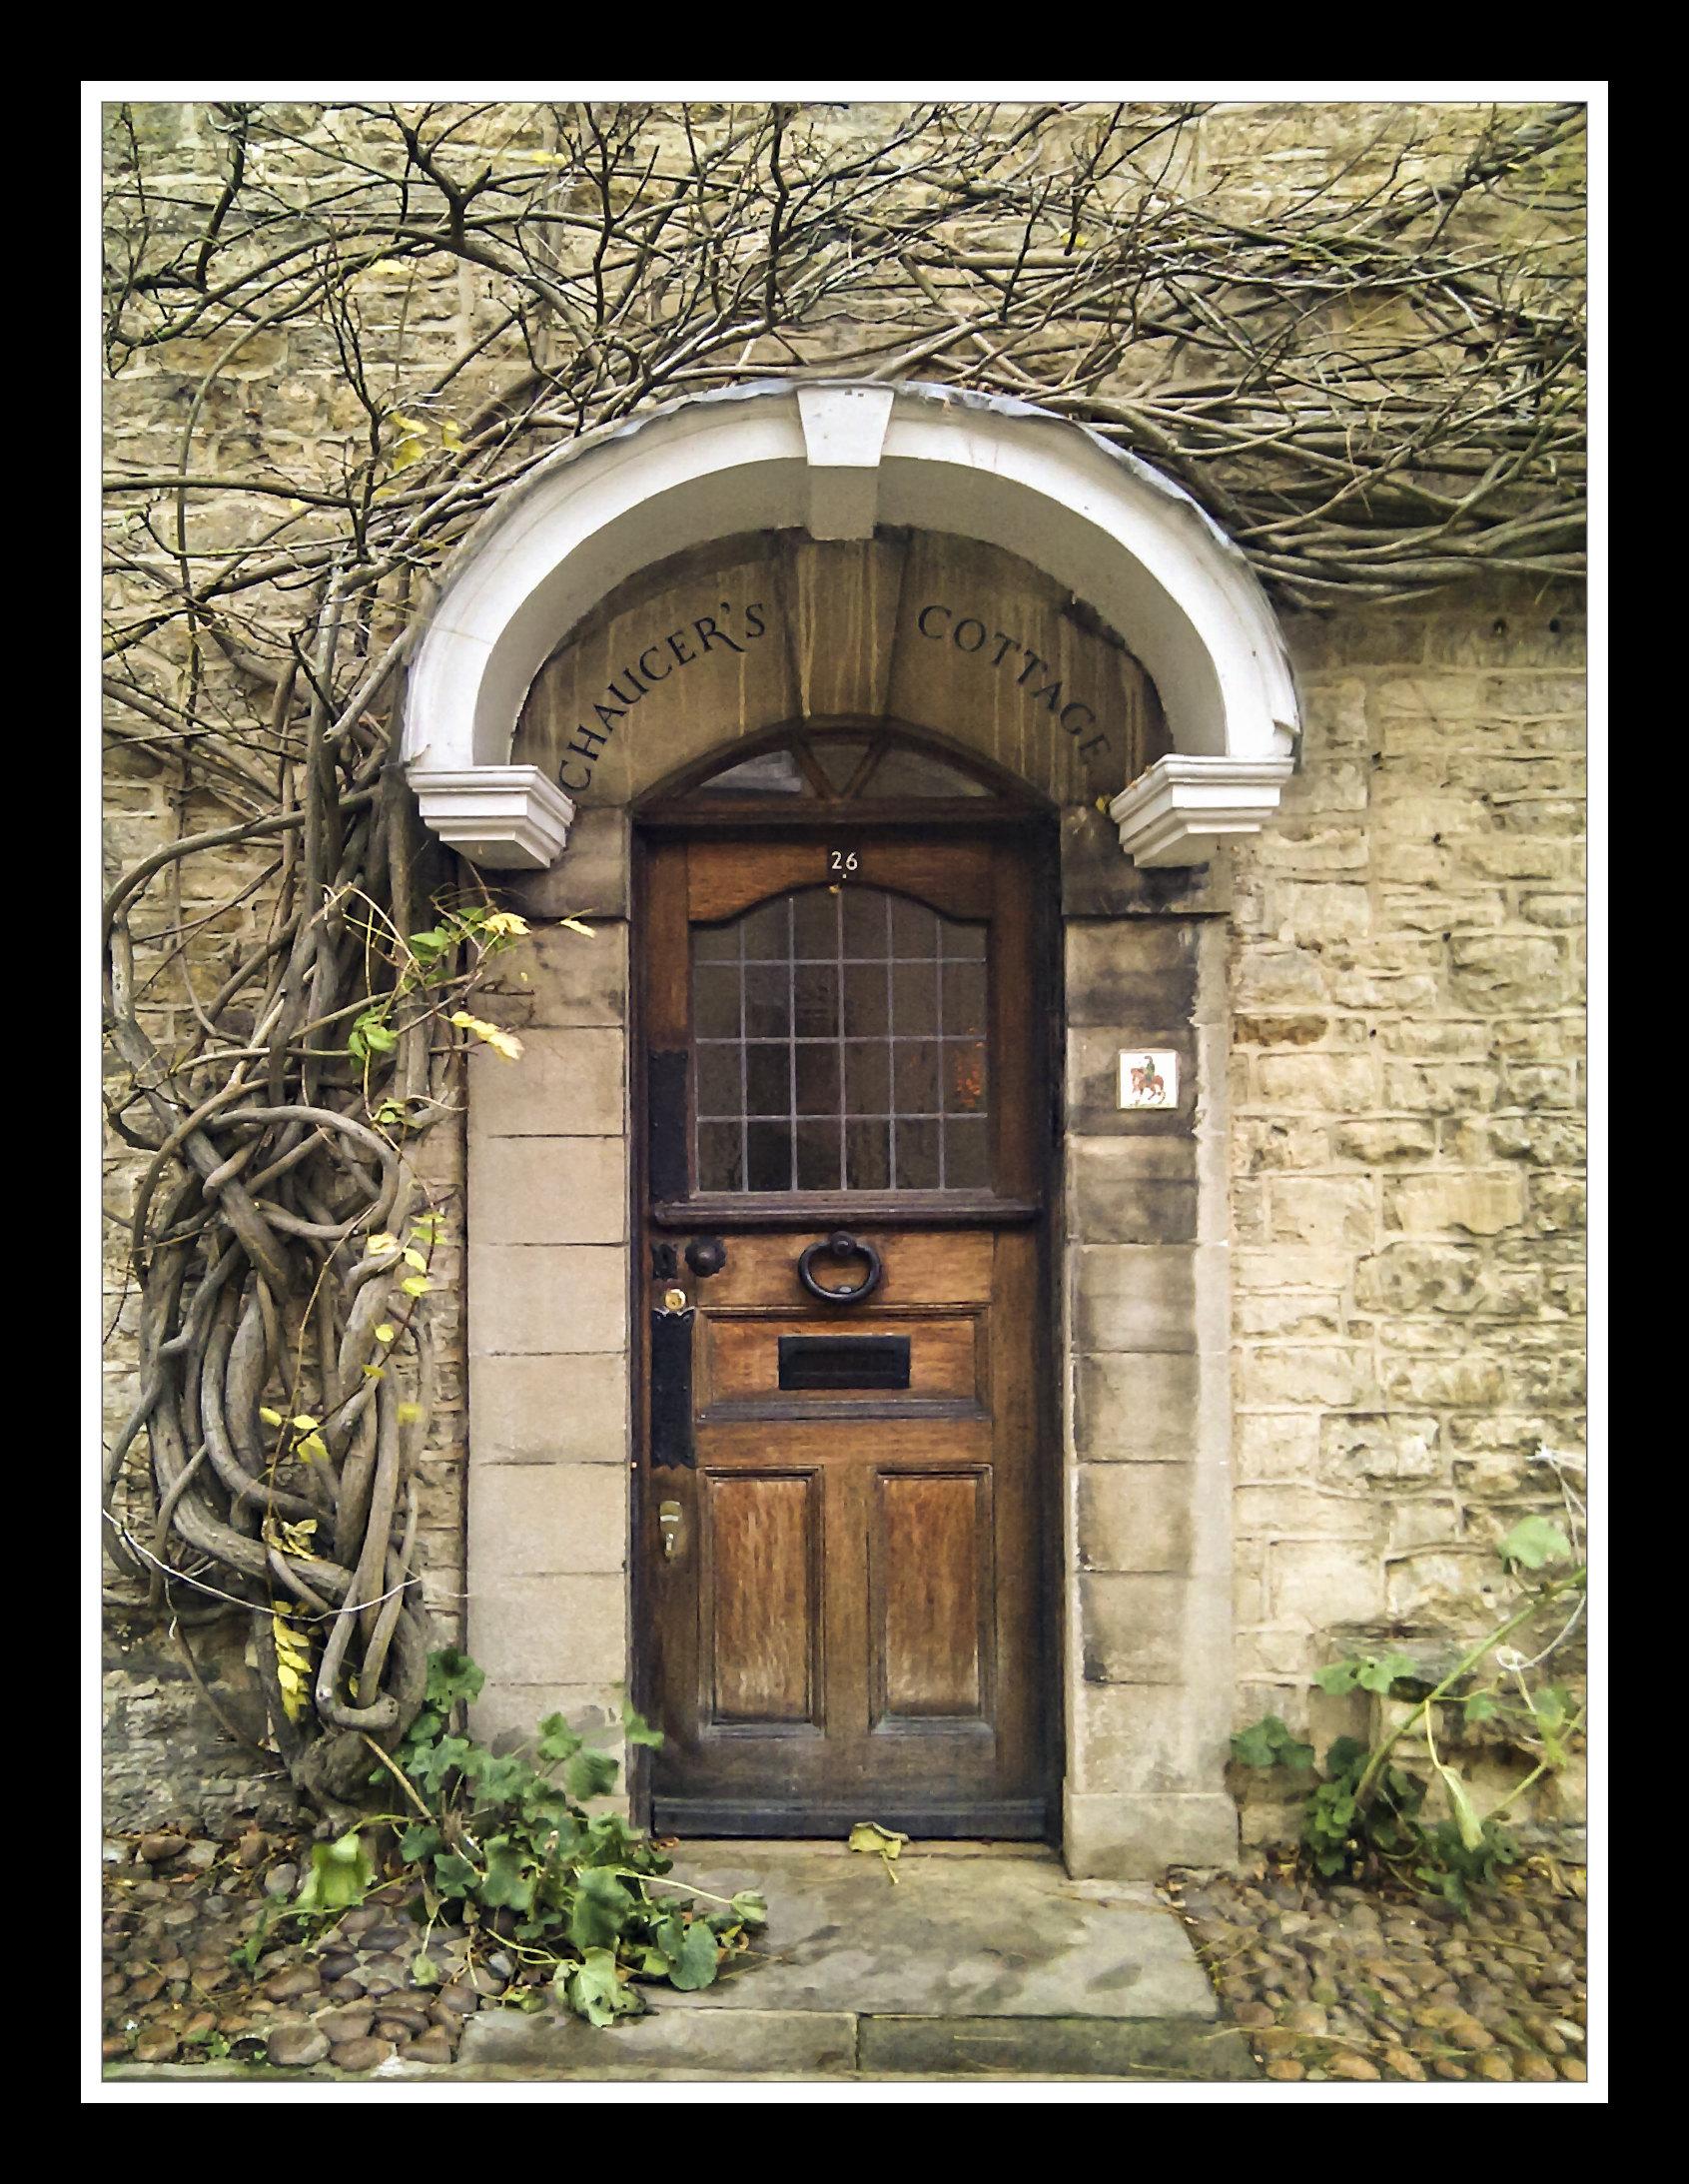 A doorway in Woodstock, Oxfordshire.